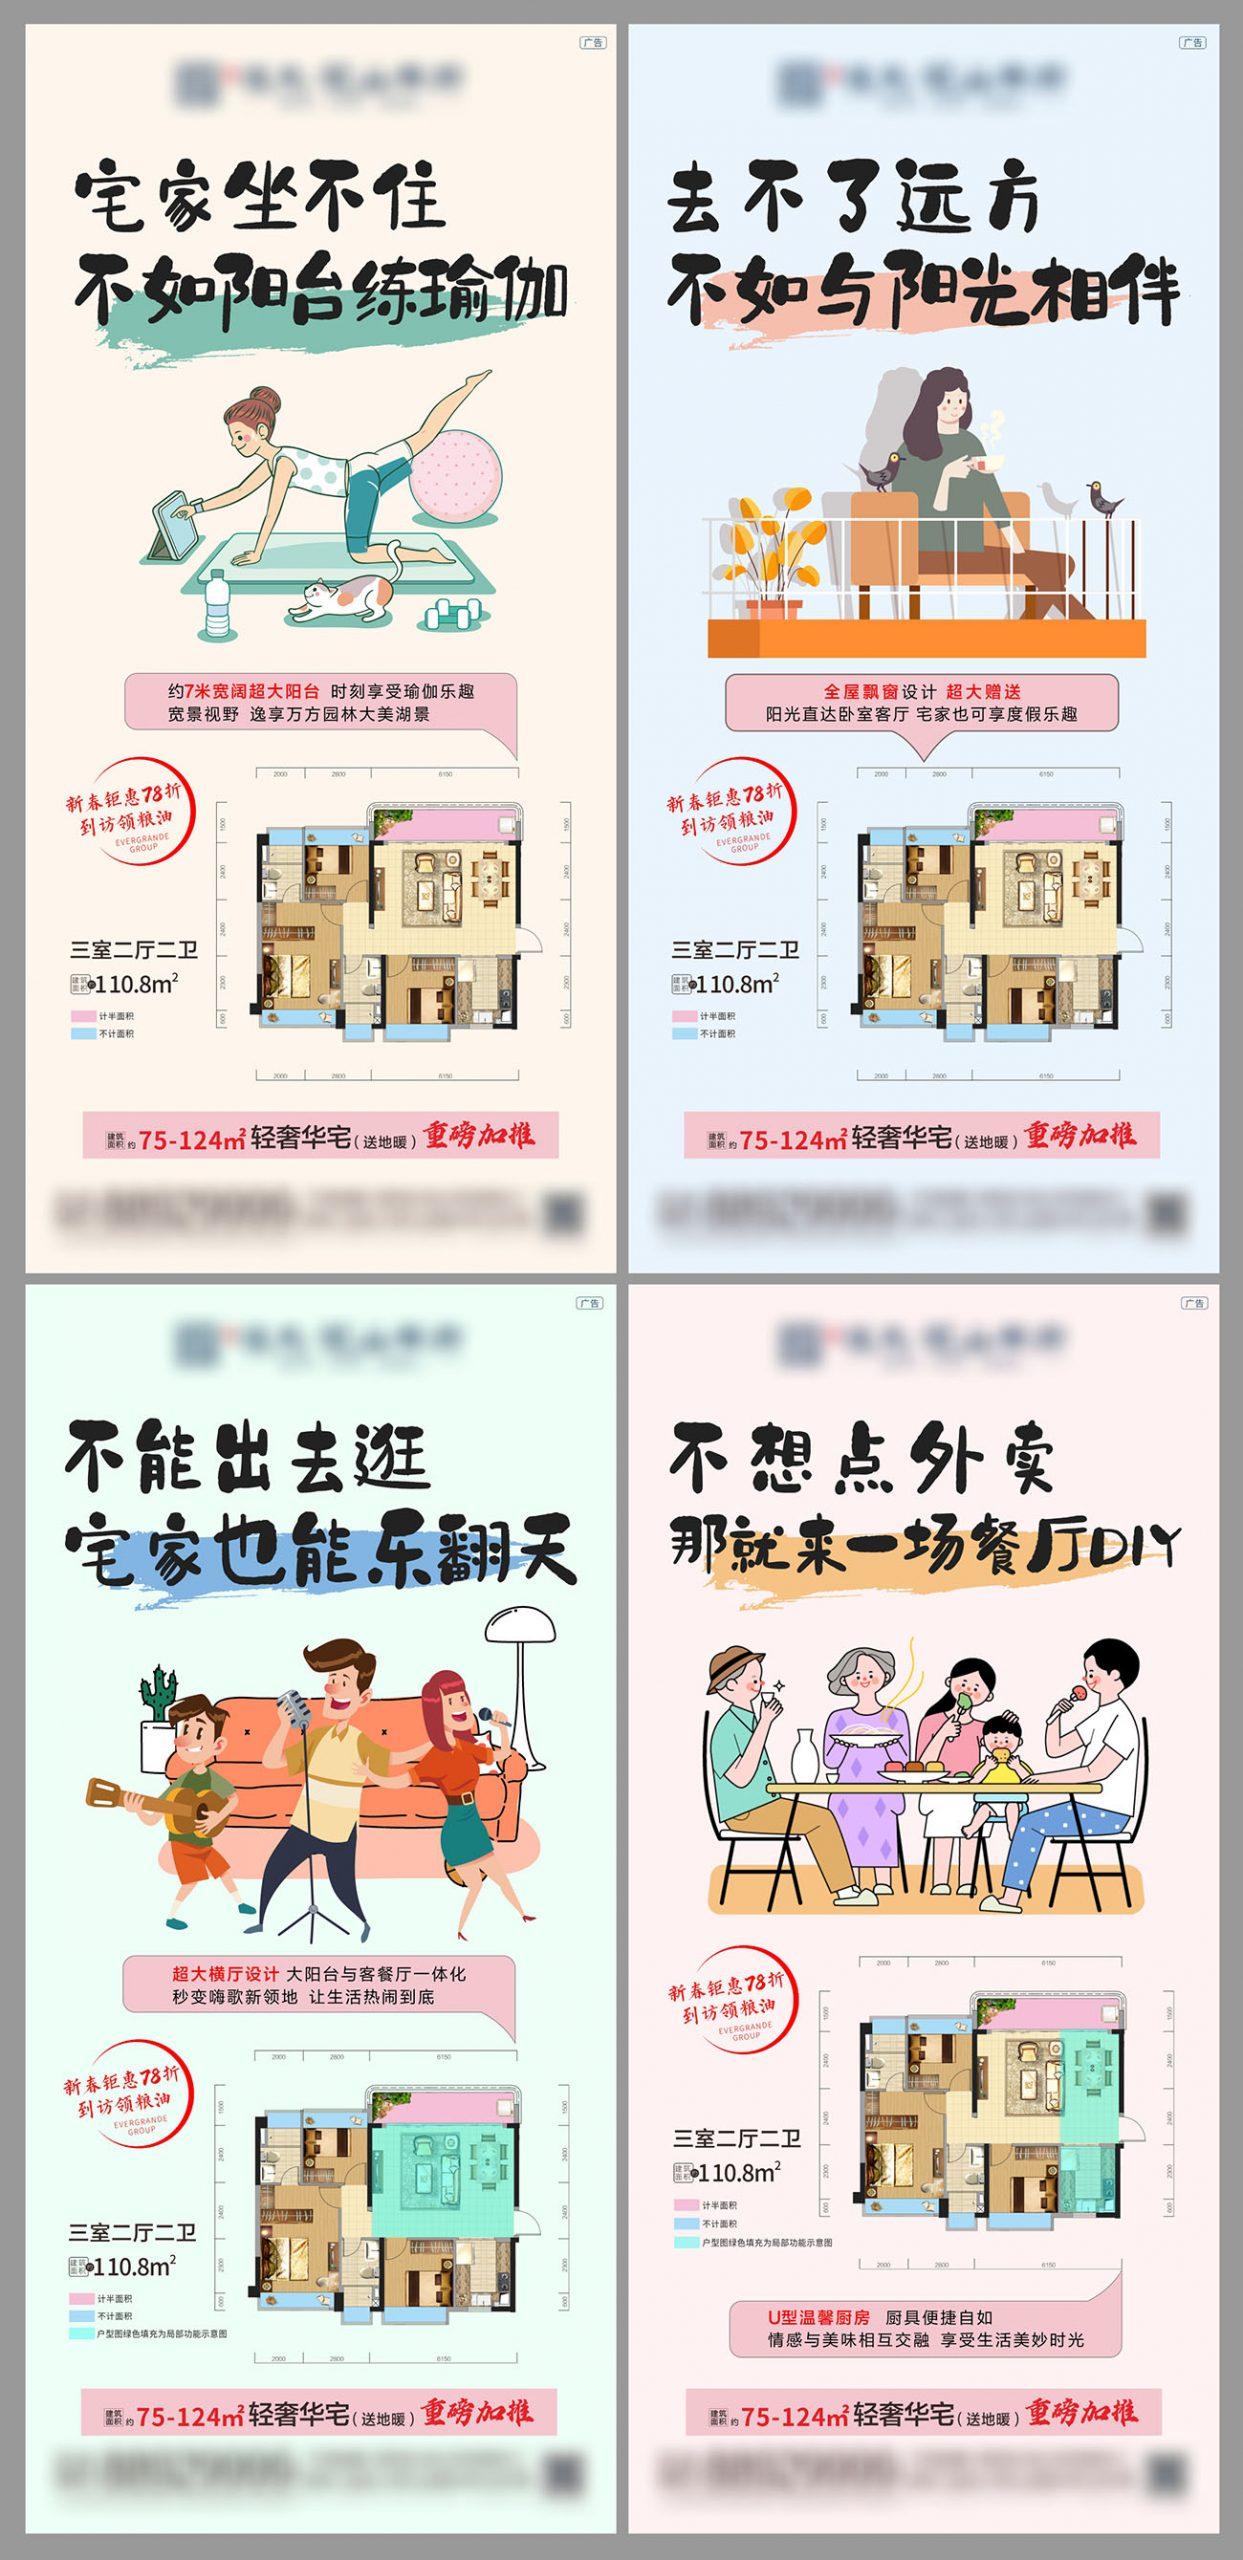 房地产户型价值卖点系列插画海报CDR源文件插图